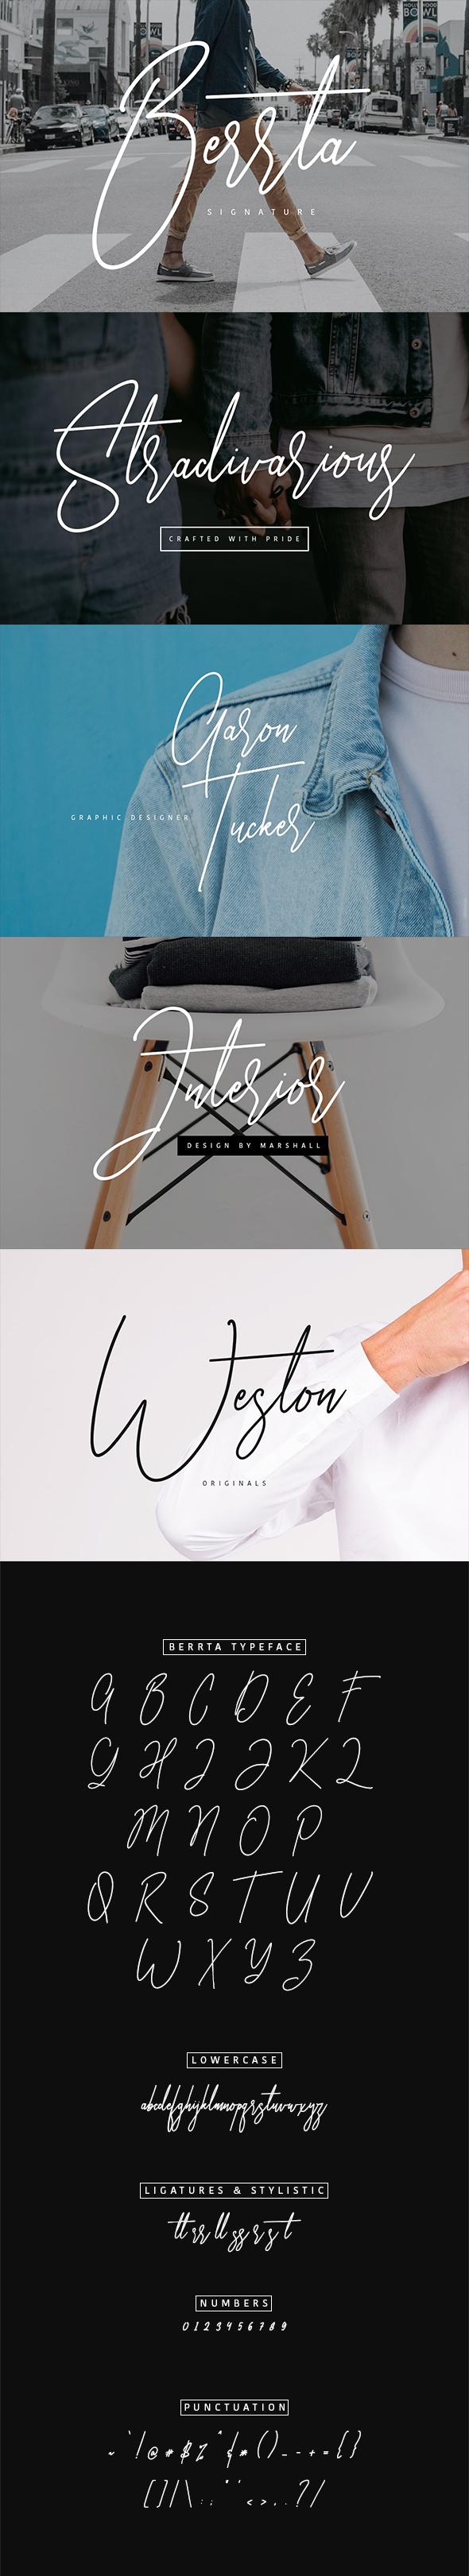 Berrta Signature Typeface - Calligraphy Script